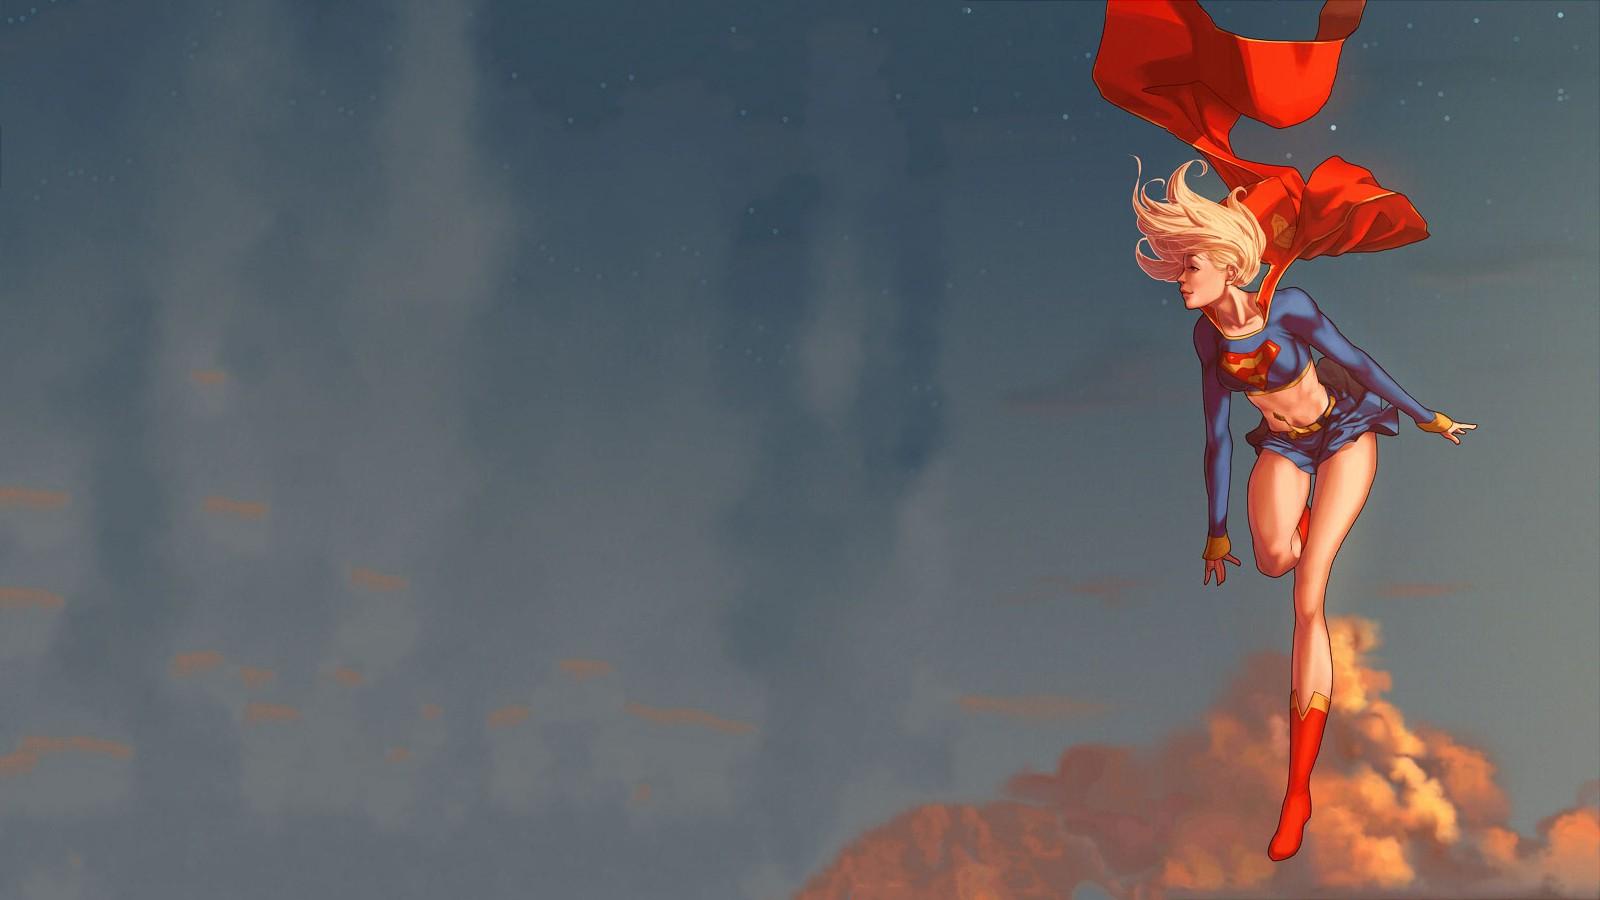 wallpaper : 1600x900 px, dc comics, supergirl, superhero, superman